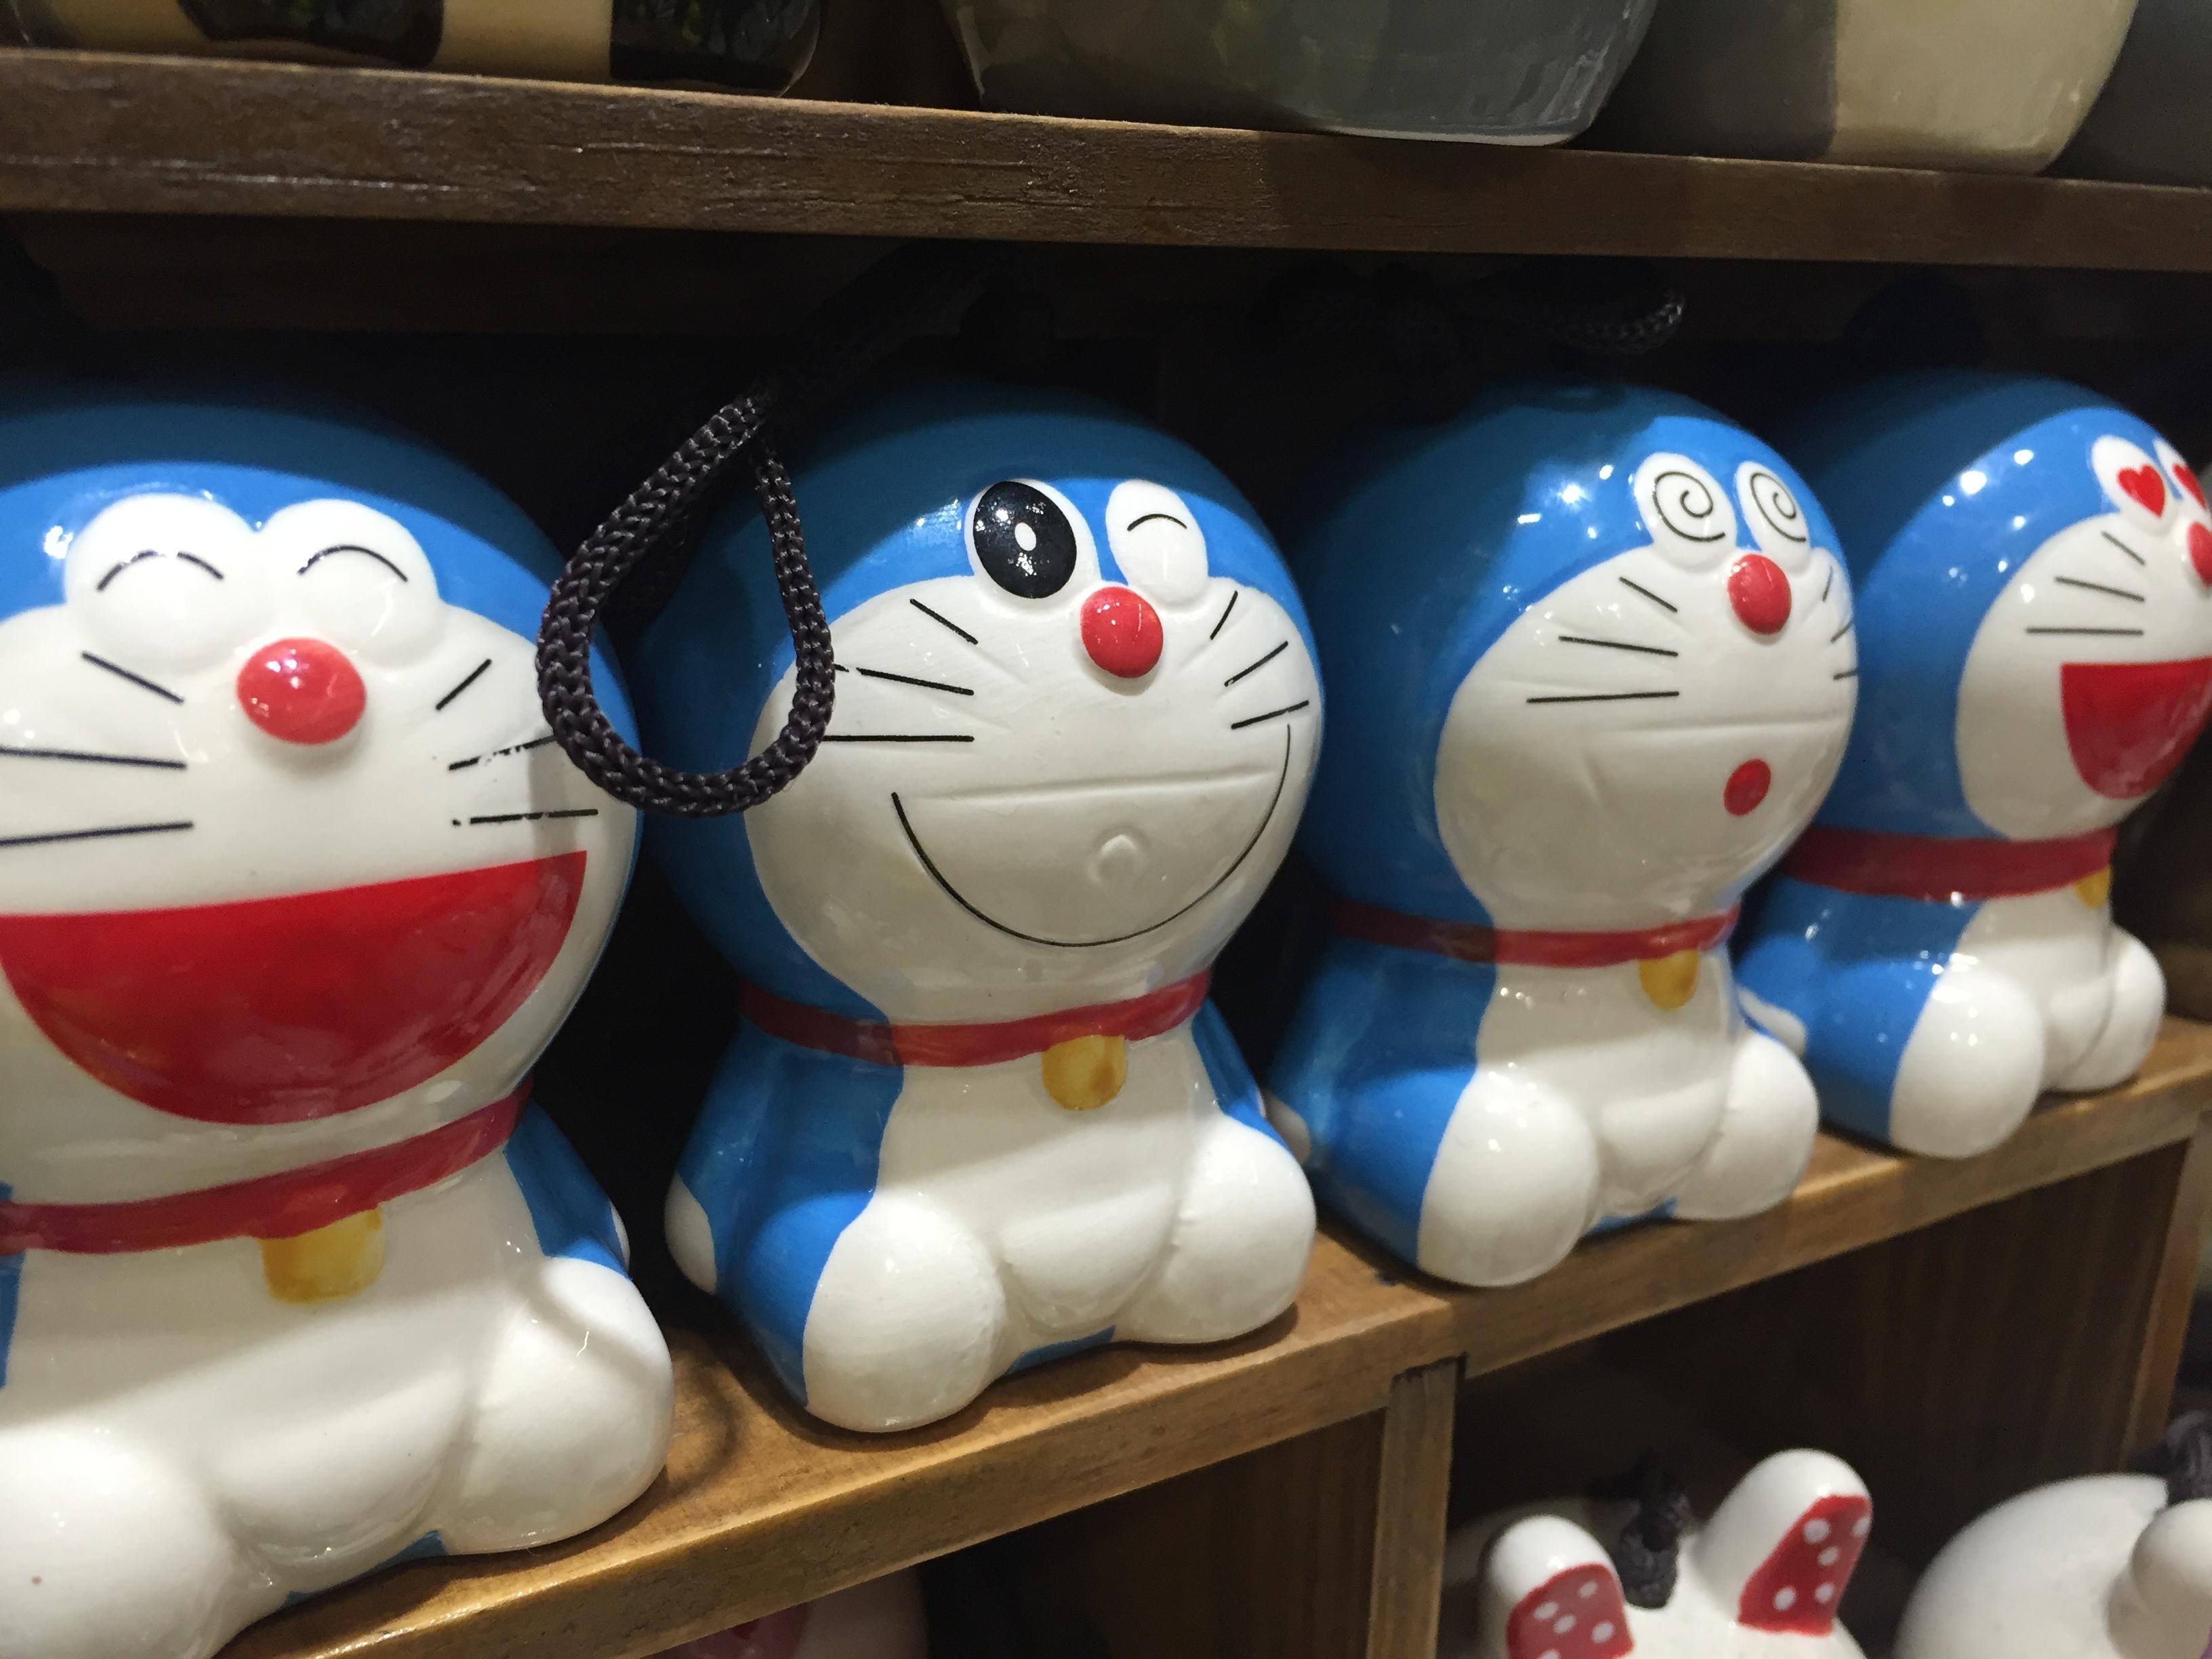 Unduh 530+ Gambar Doraemon Tertawa Gratis Terbaru